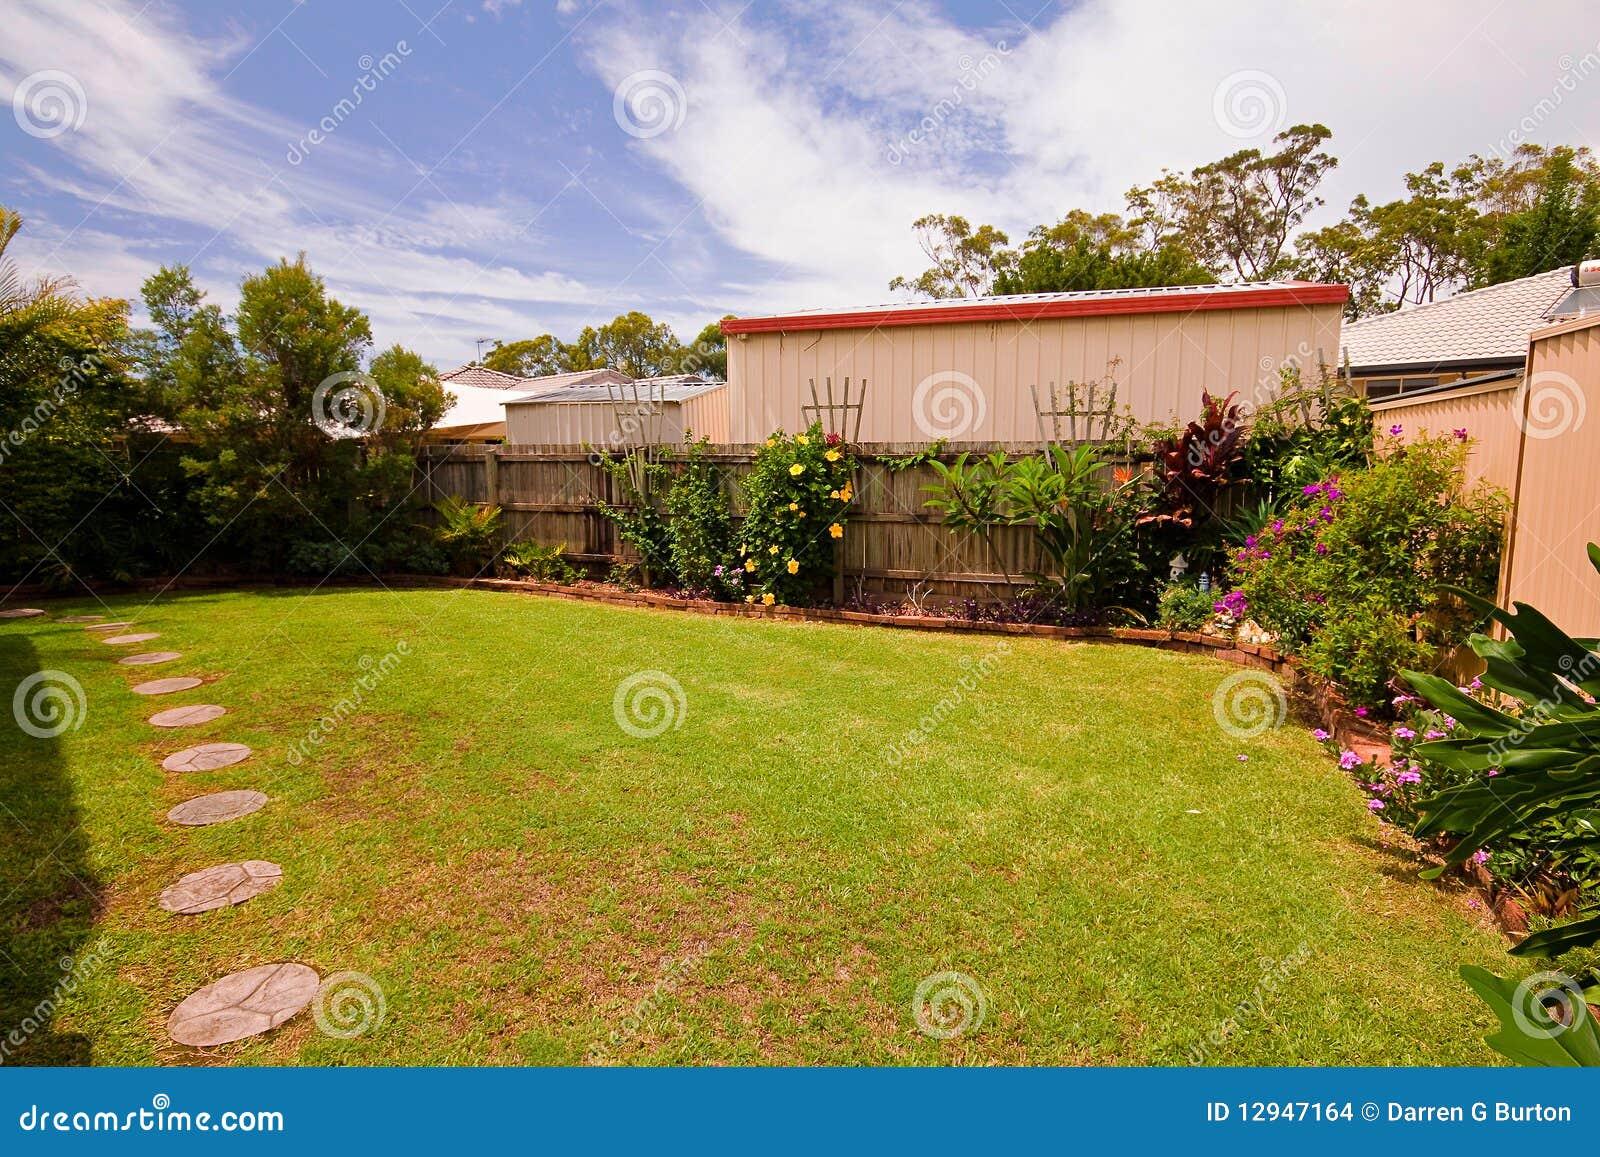 jardim fundo quintal : jardim fundo quintal:Jardim Do Quintal Imagens de Stock – Imagem: 12947164